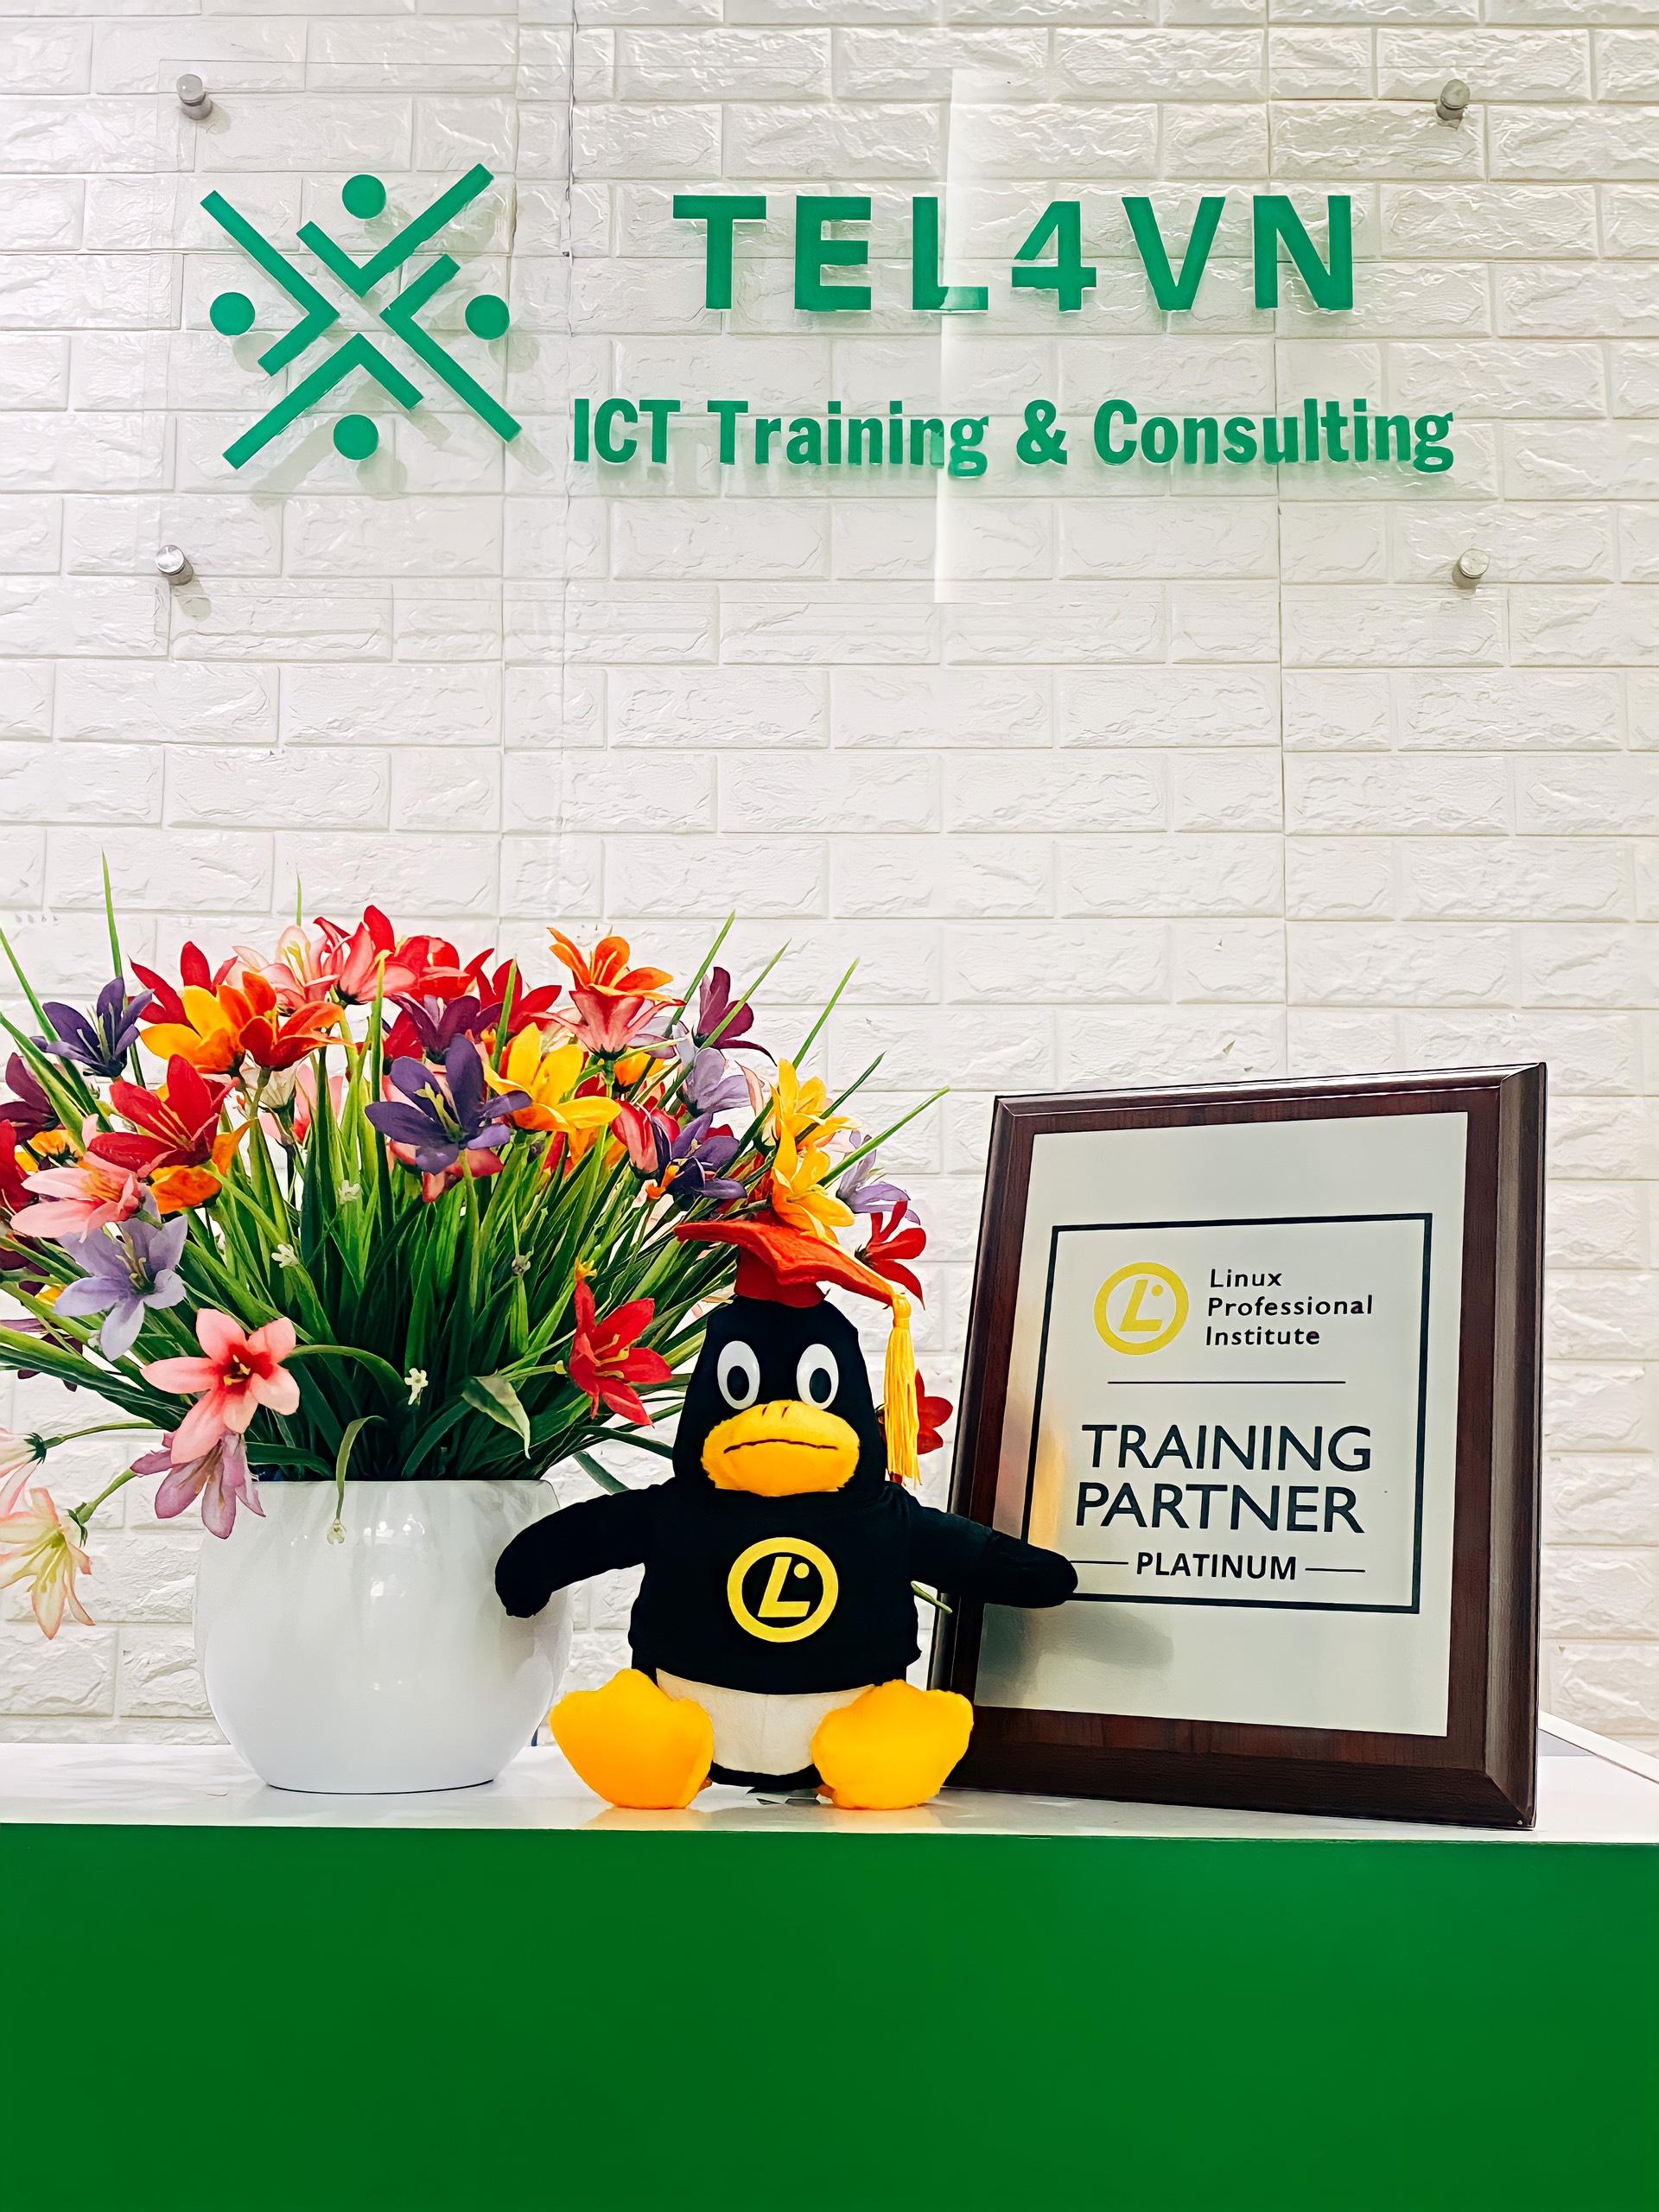 TEL4VN - đối tác đào tạo Linux tại Việt Nam